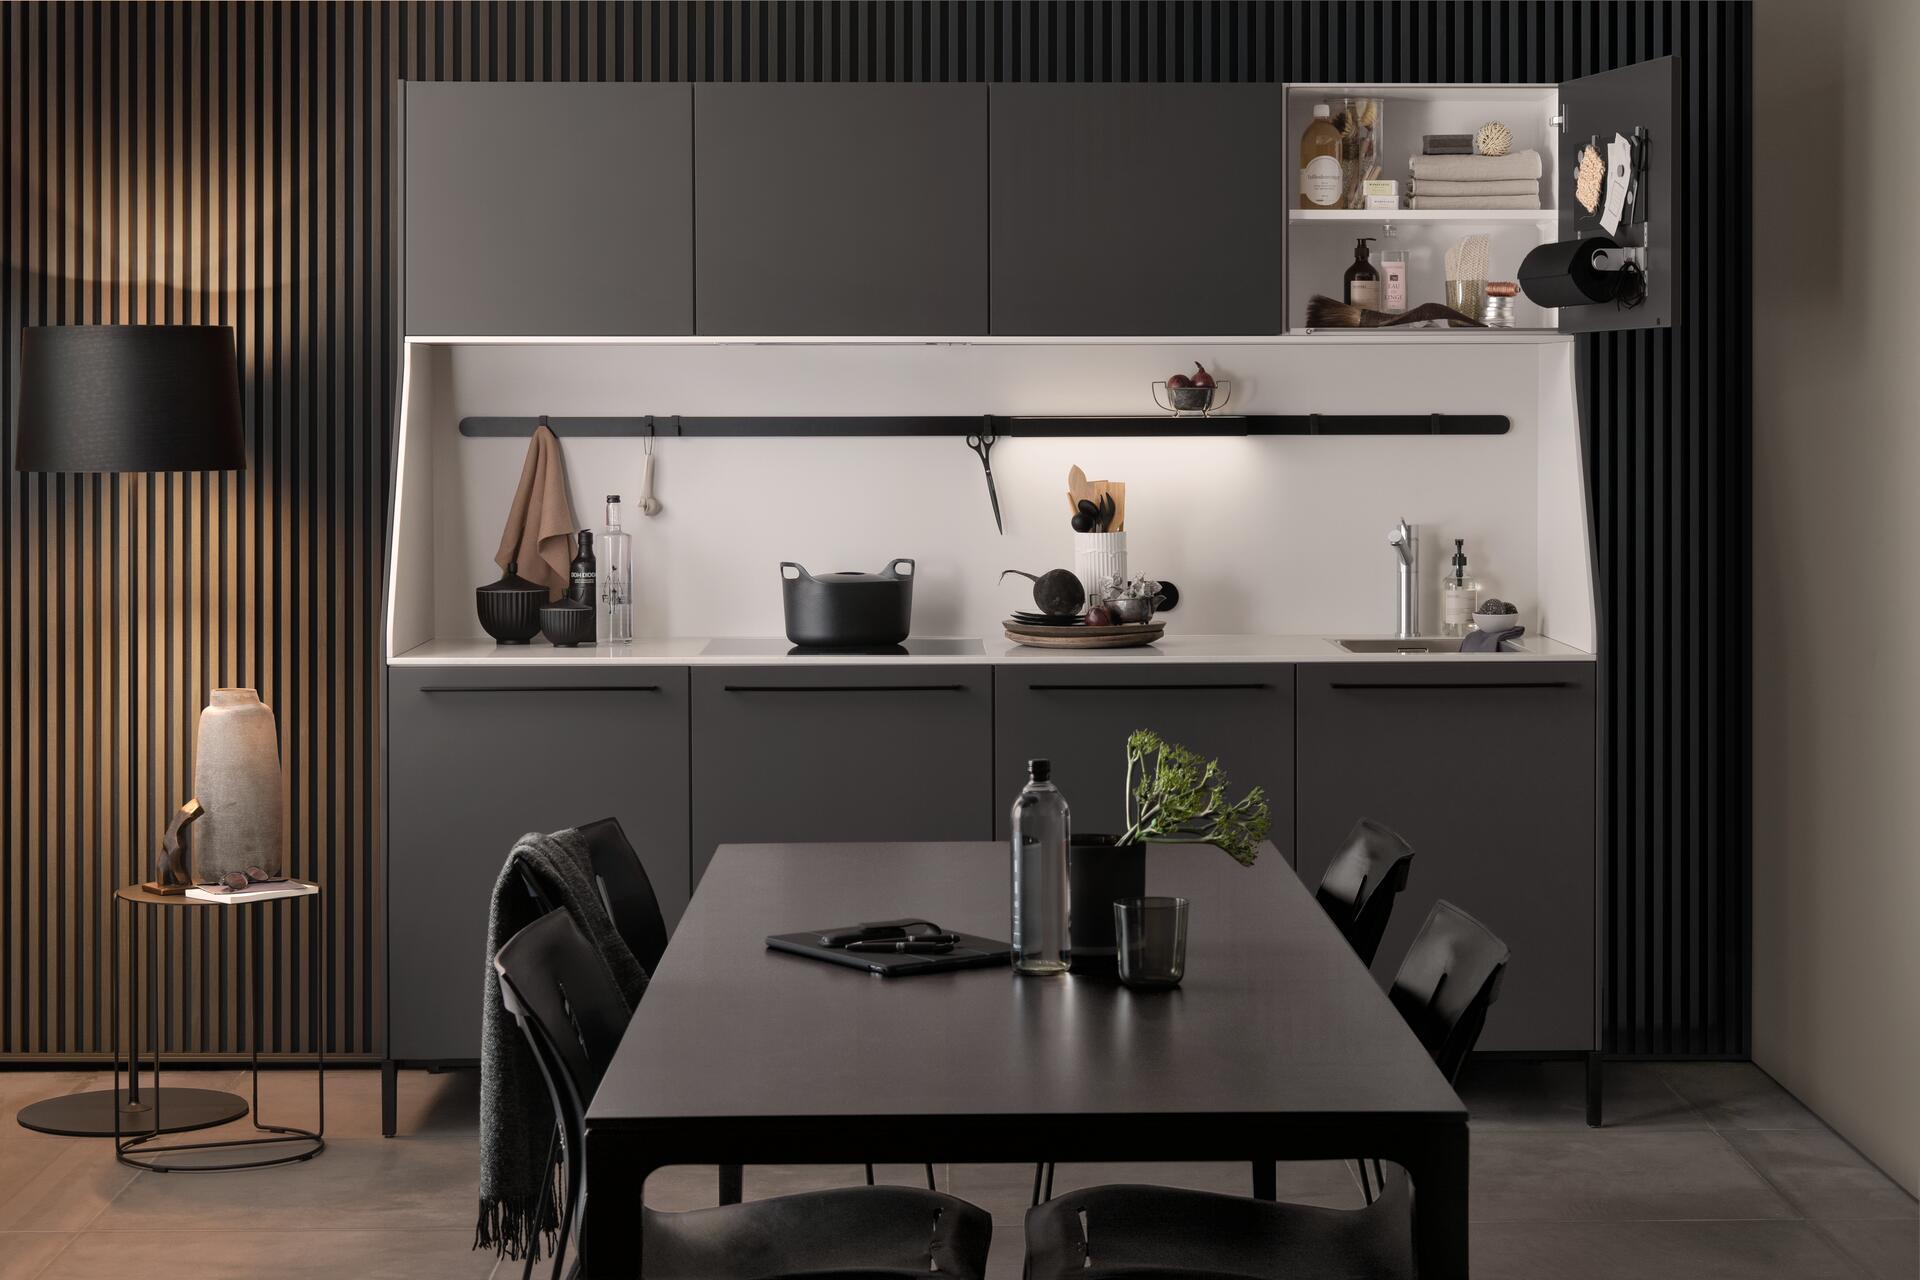 Cocina de diseño estilo urbano SieMatic